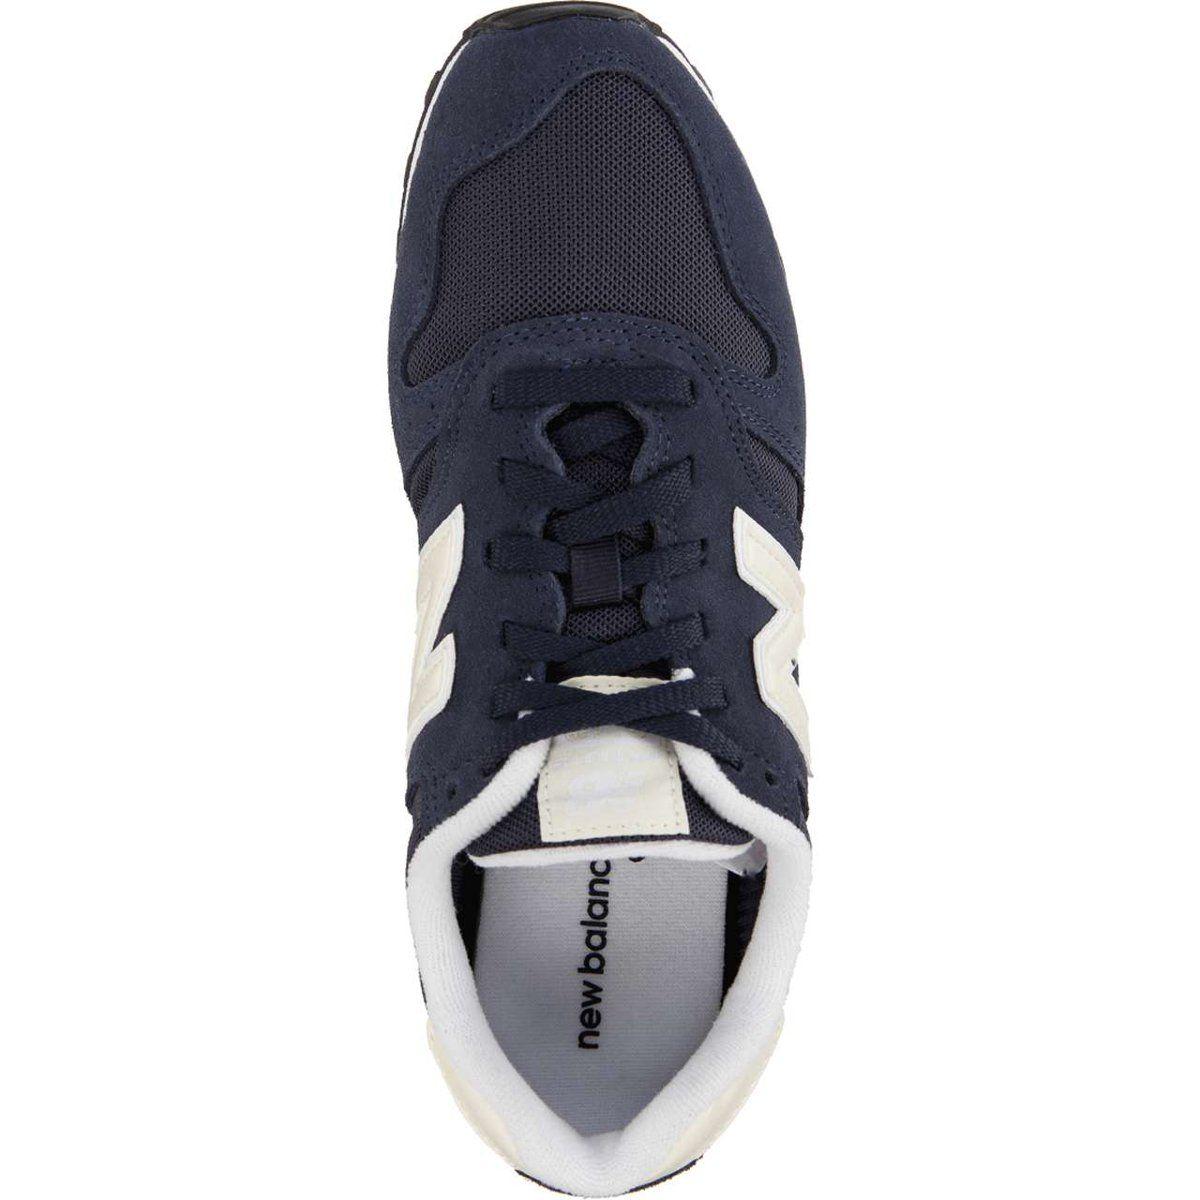 Sportowe Damskie Newbalance New Balance Niebieskie Wl373nvb Navy Shoes New Balance Sneakers